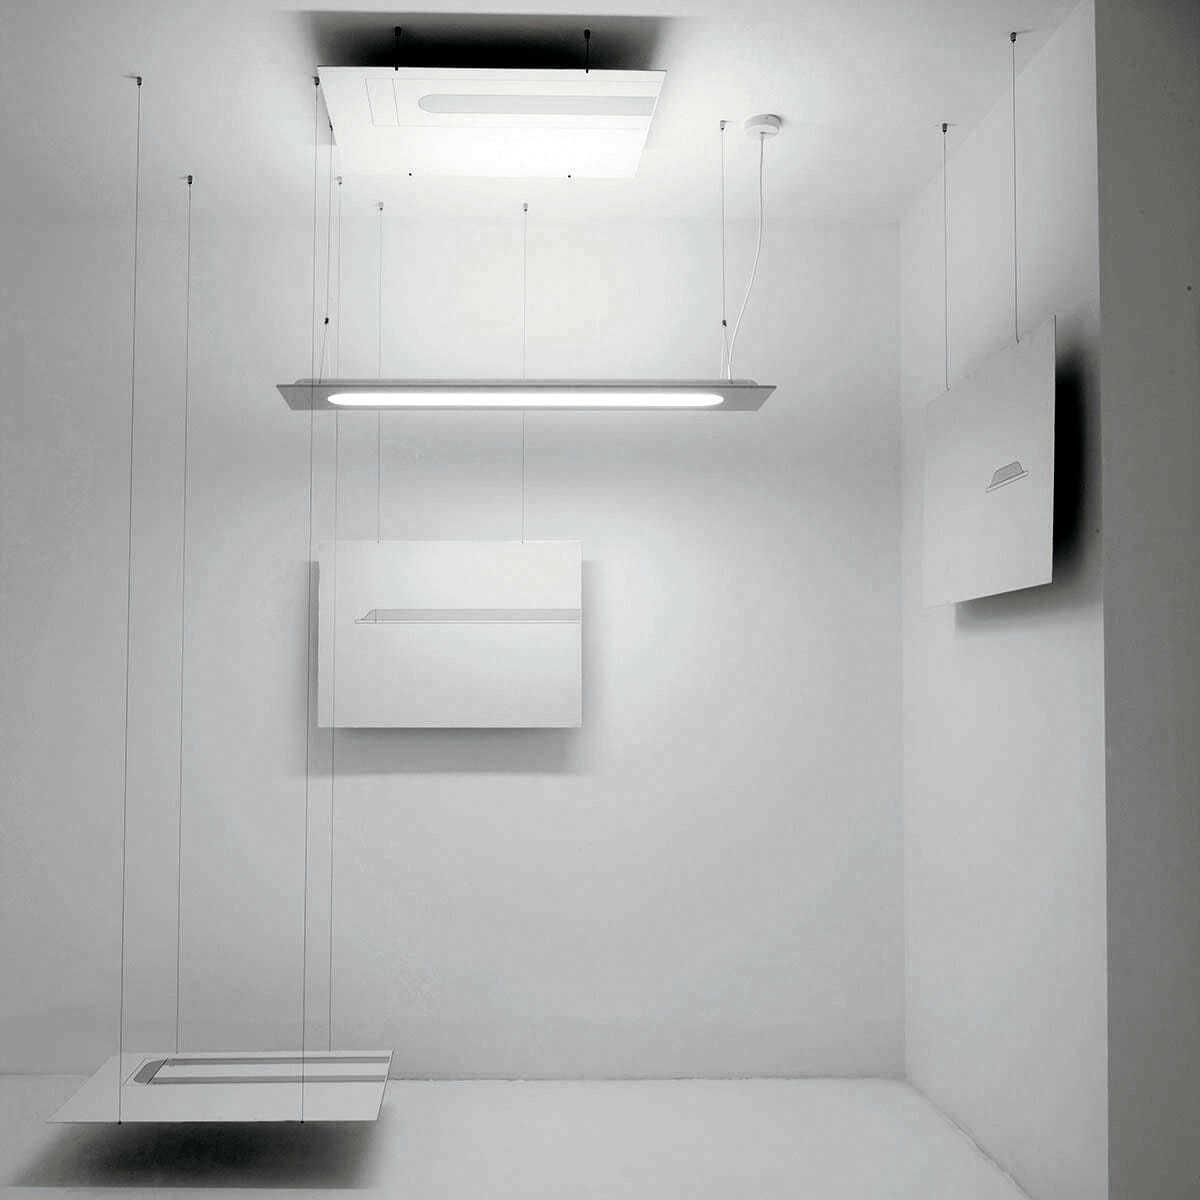 Lampada led sospensione tavolo level pro light ultra for Lampada led interno